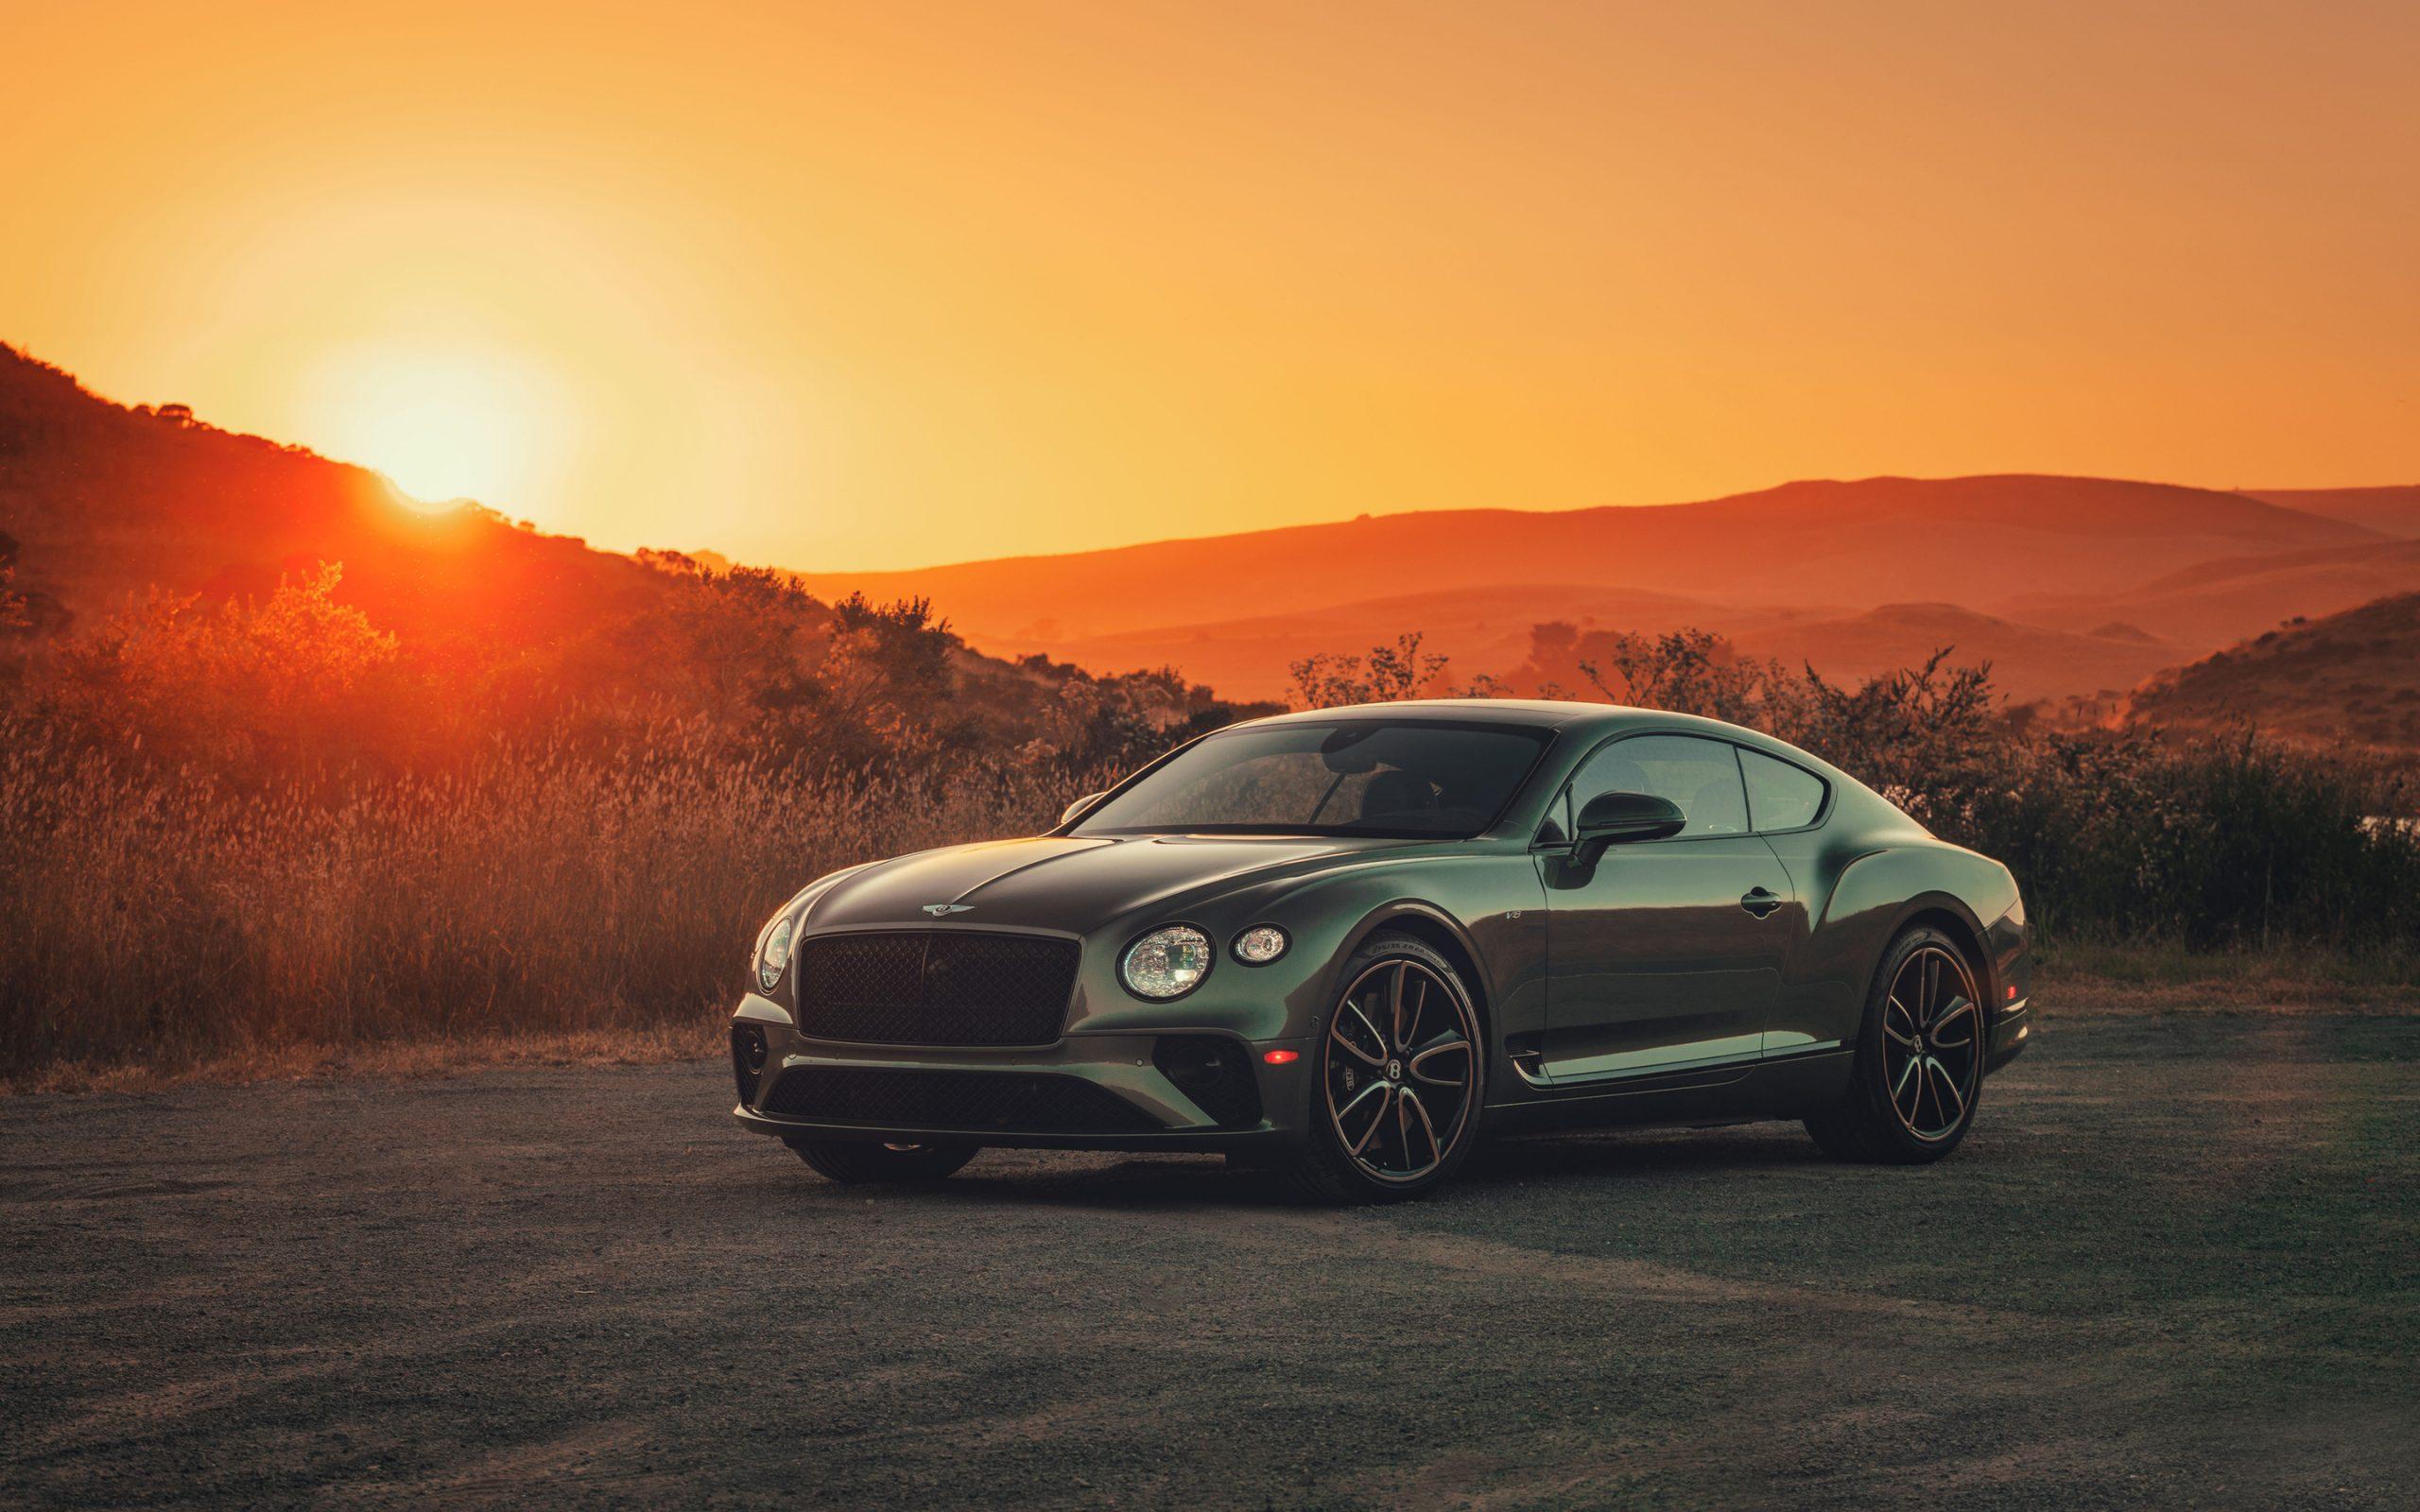 Bentley U.S Sales Figures